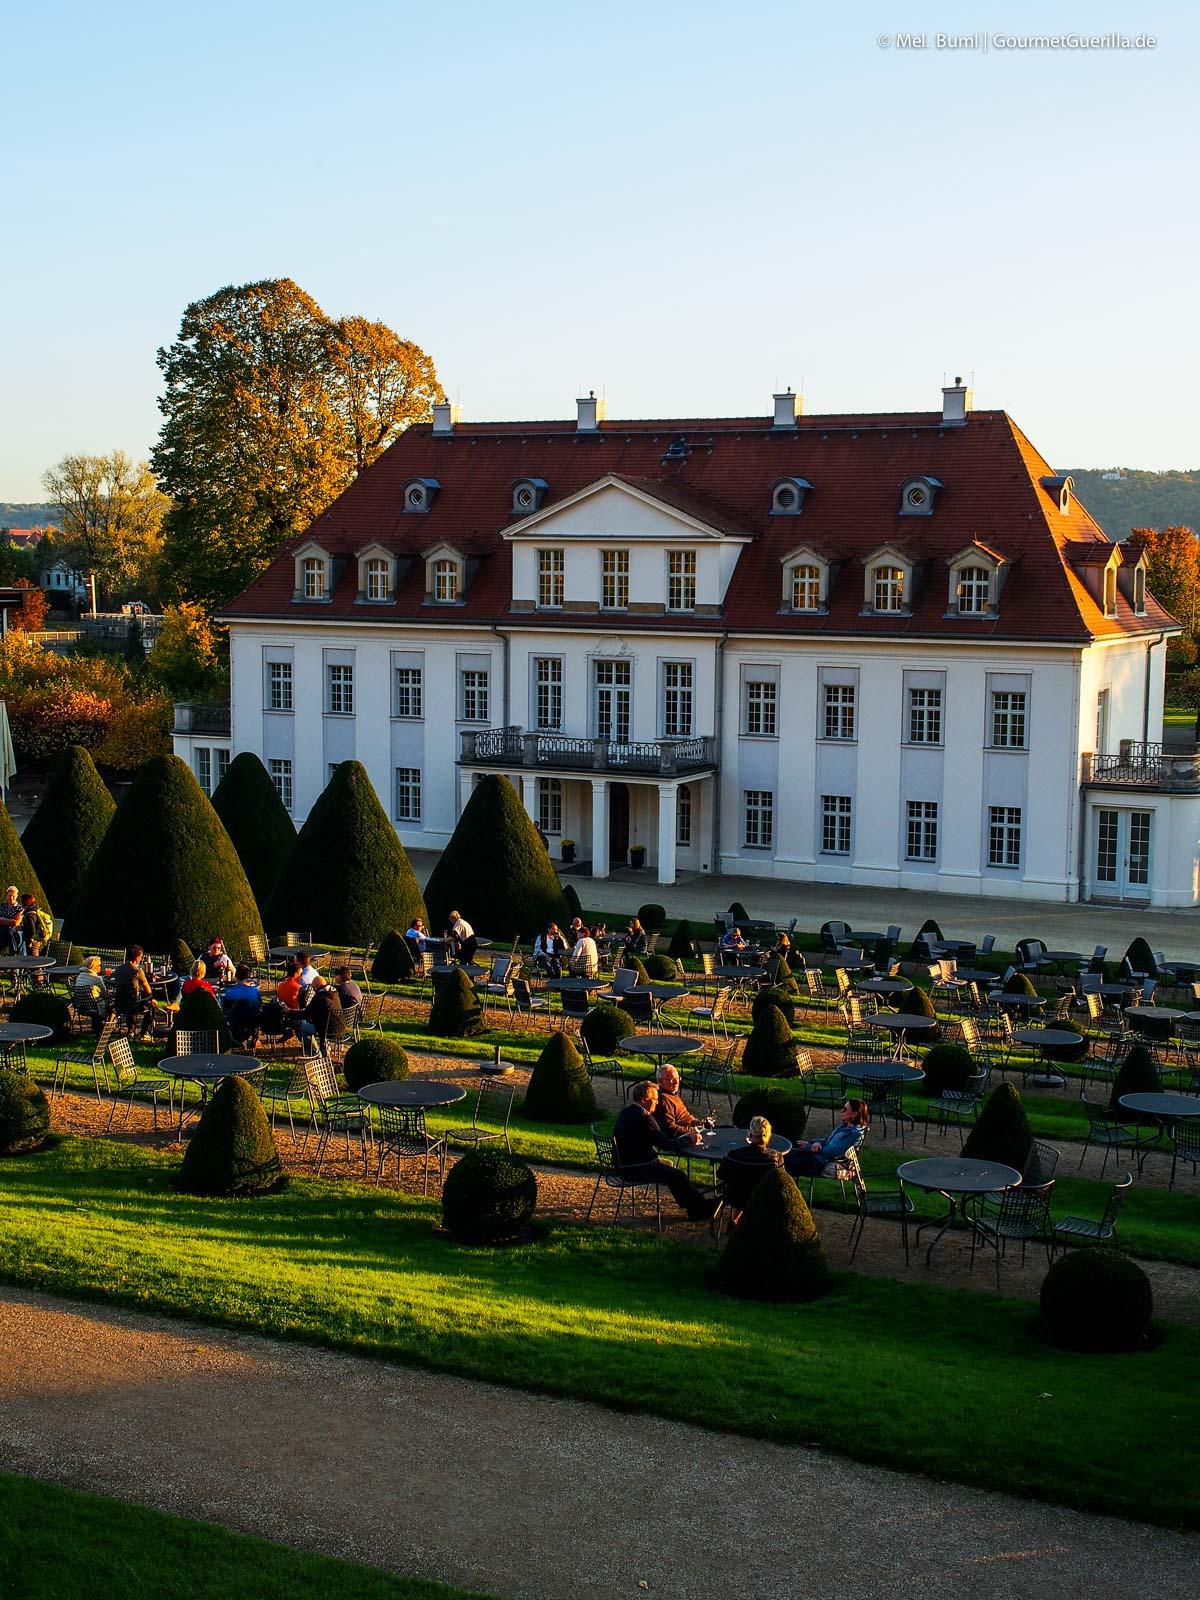 Schloss Wackerbarth Sächsisches Staatsweingut Weinstraße |GourmetGuerilla.de